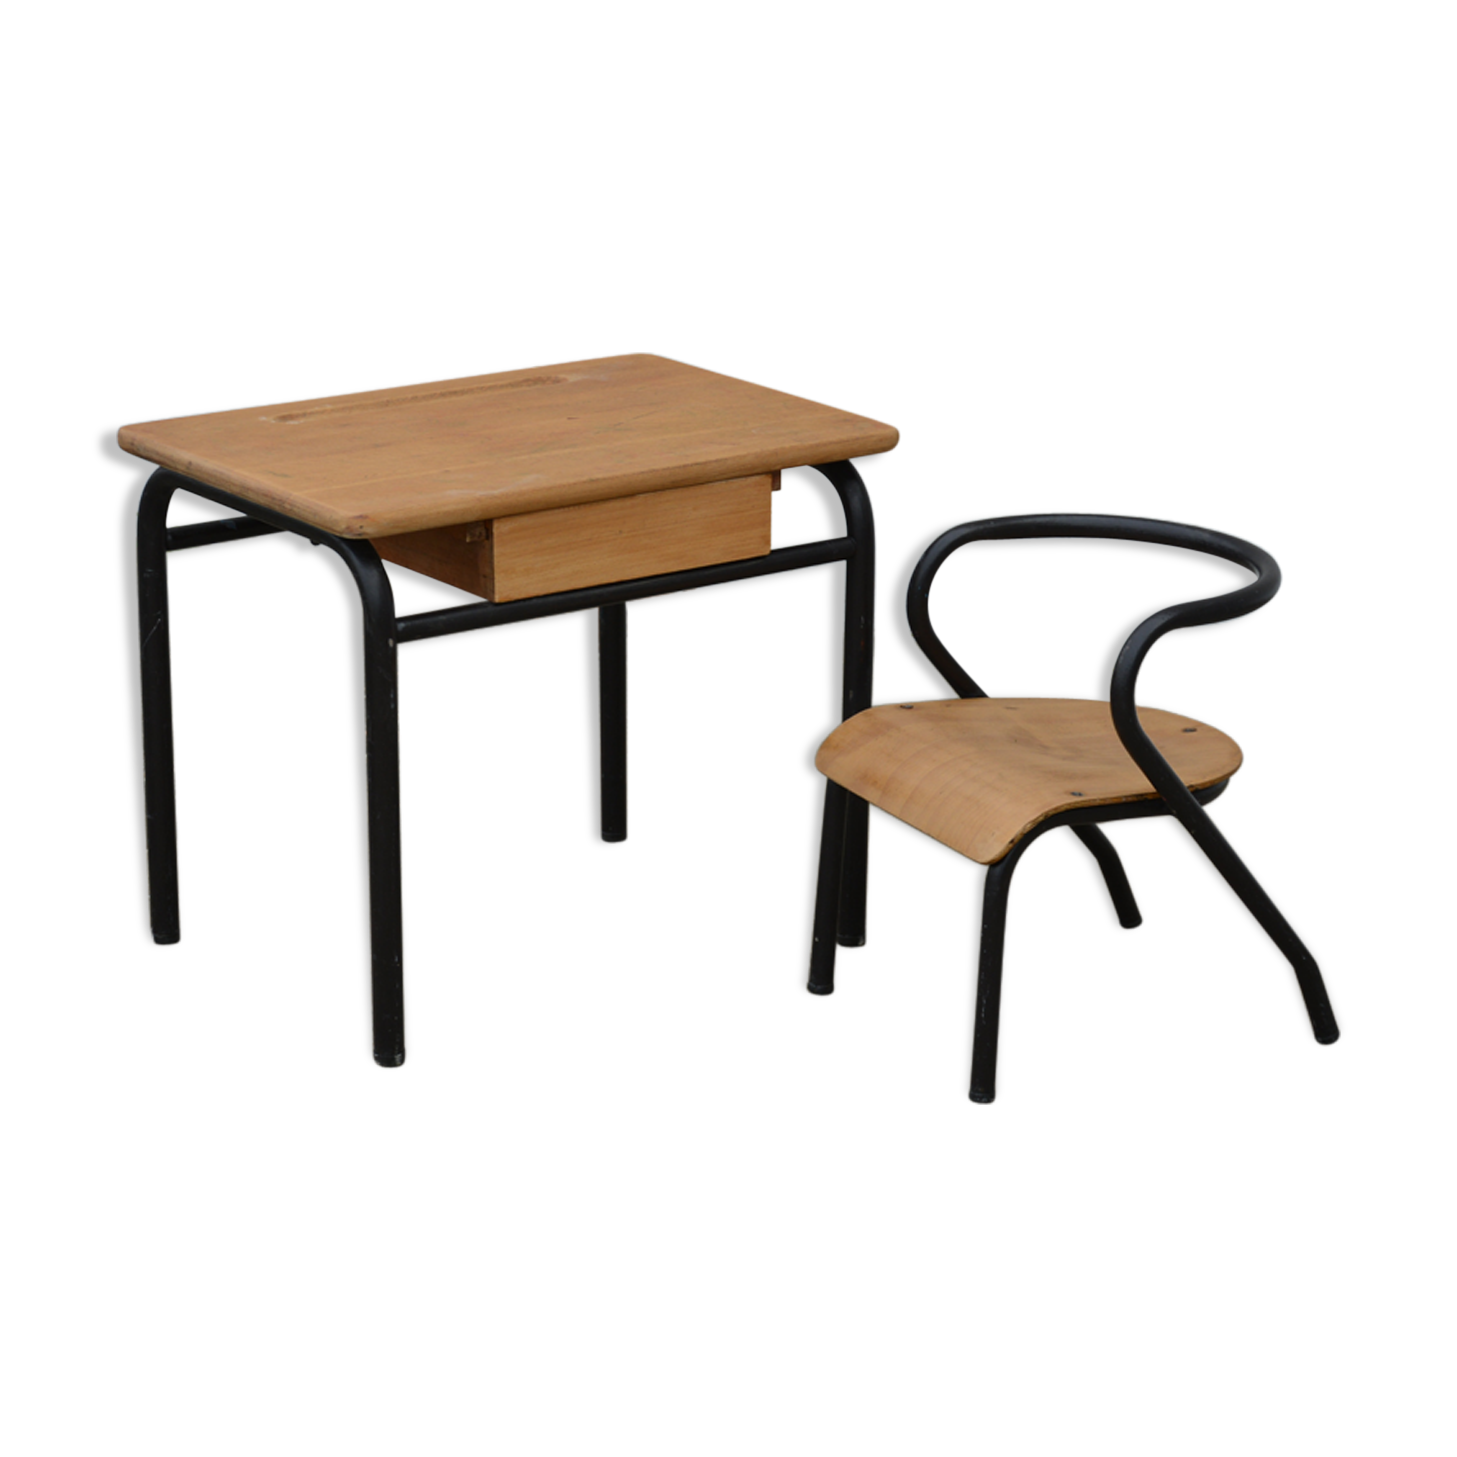 Bureau et chaise pour tout petit bois matériau bois couleur